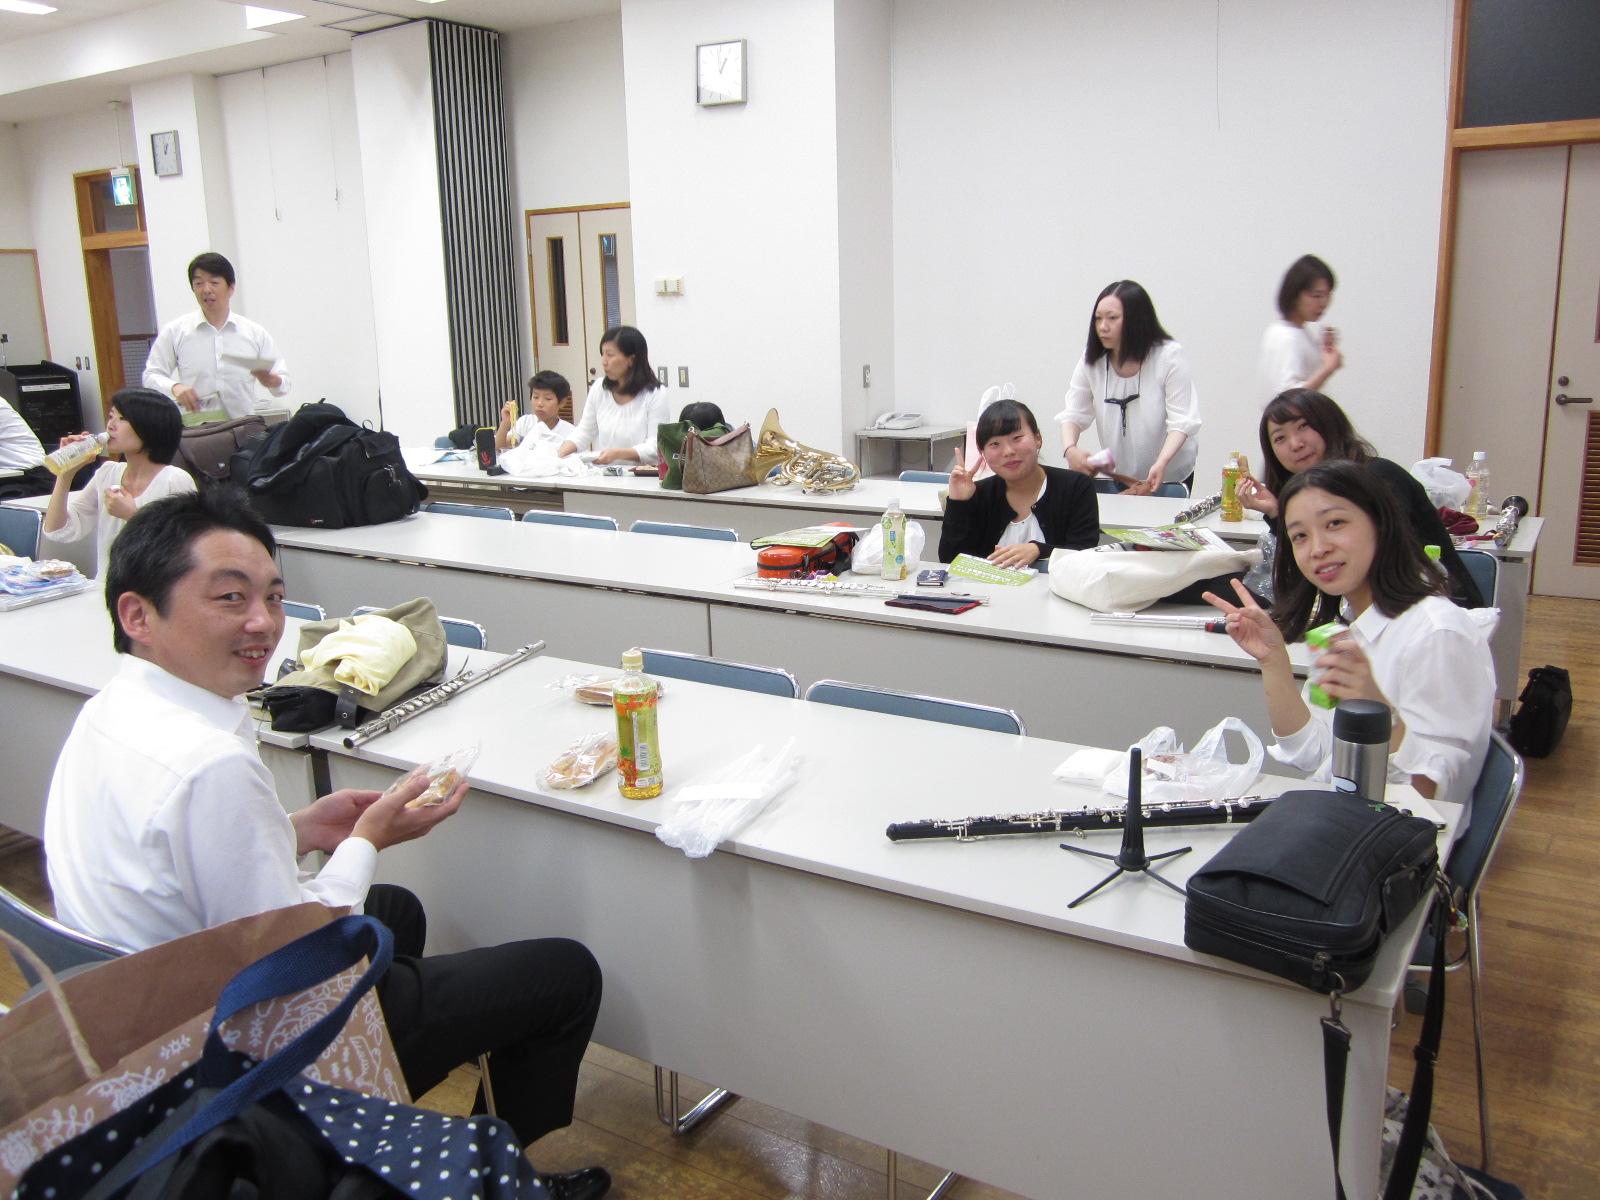 お昼休憩中です(^^;)